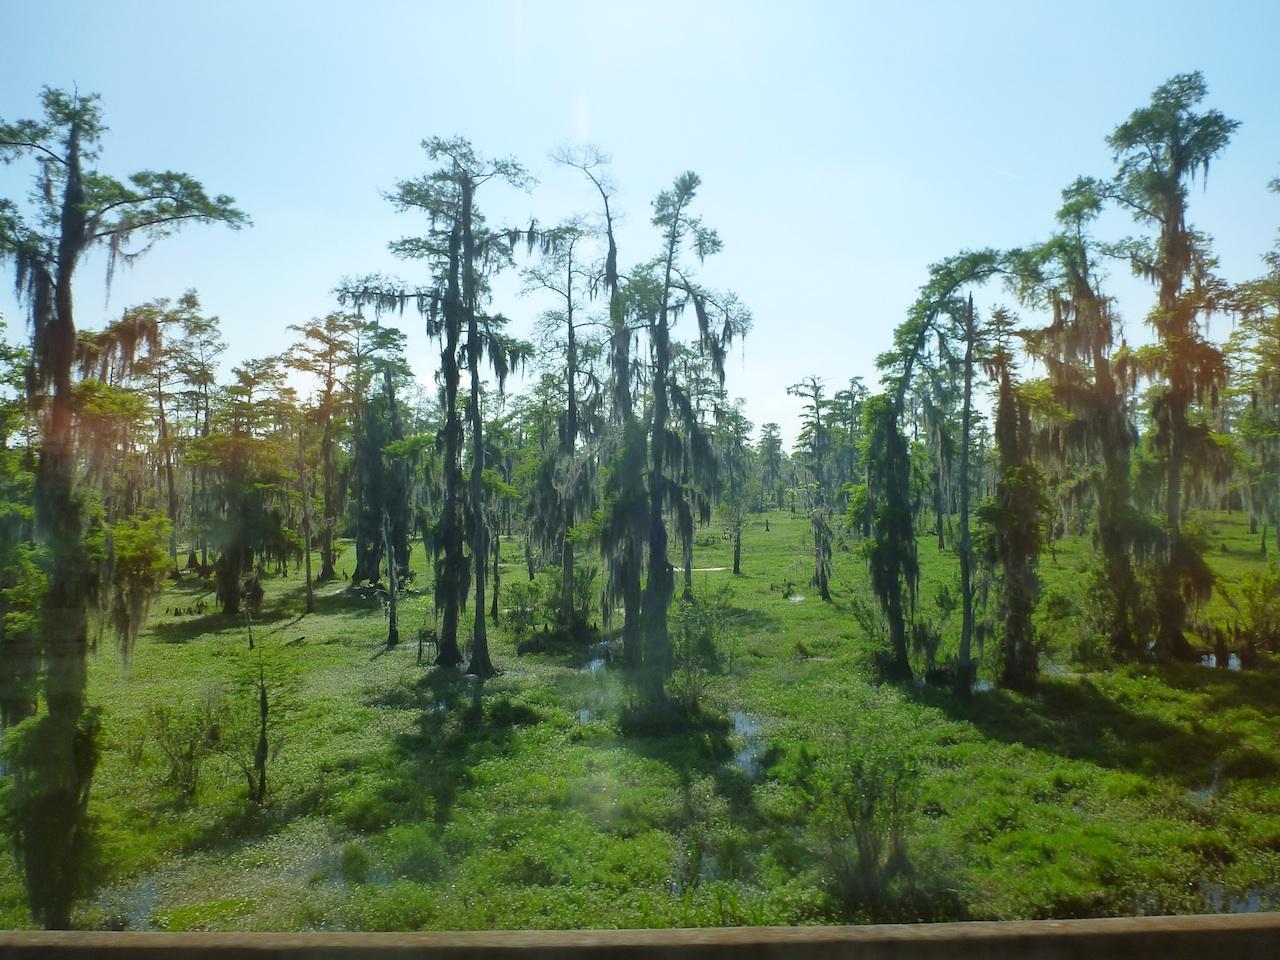 The Louisiana Swampland